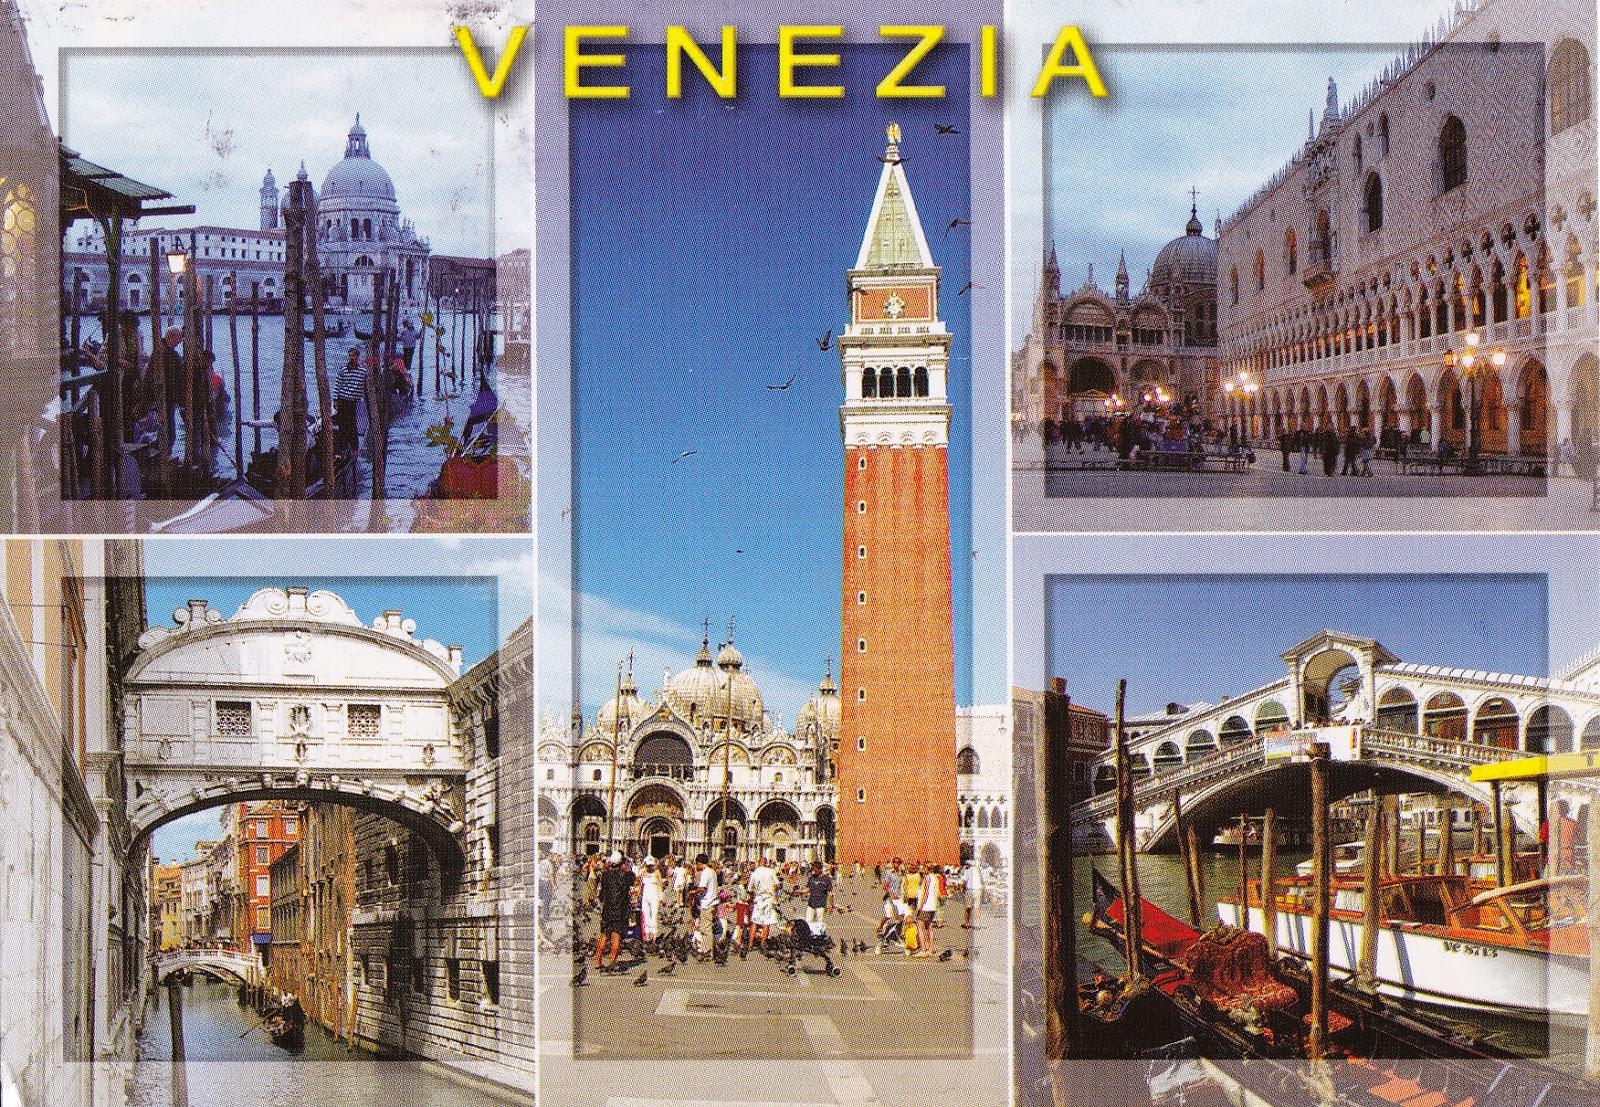 Pošalji mi razglednicu, neću SMS, po azbuci - Page 22 2013.11.05,+Venezia,+Finland